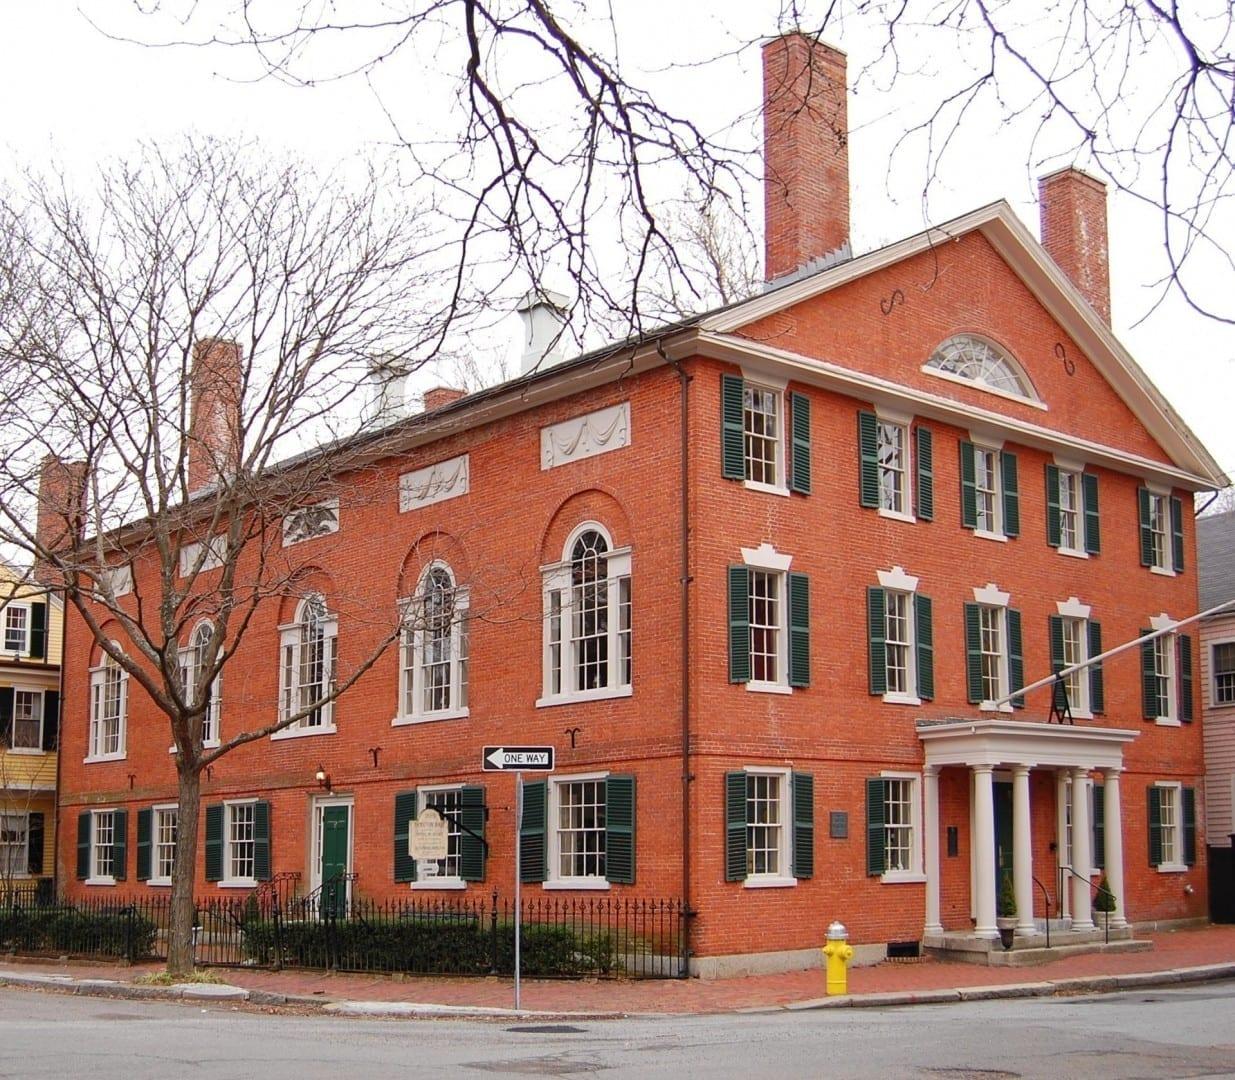 9 Chestnut Street en el distrito histórico de Samuel McIntyre por Samuel McIntire (1805) Salem MA Estados Unidos